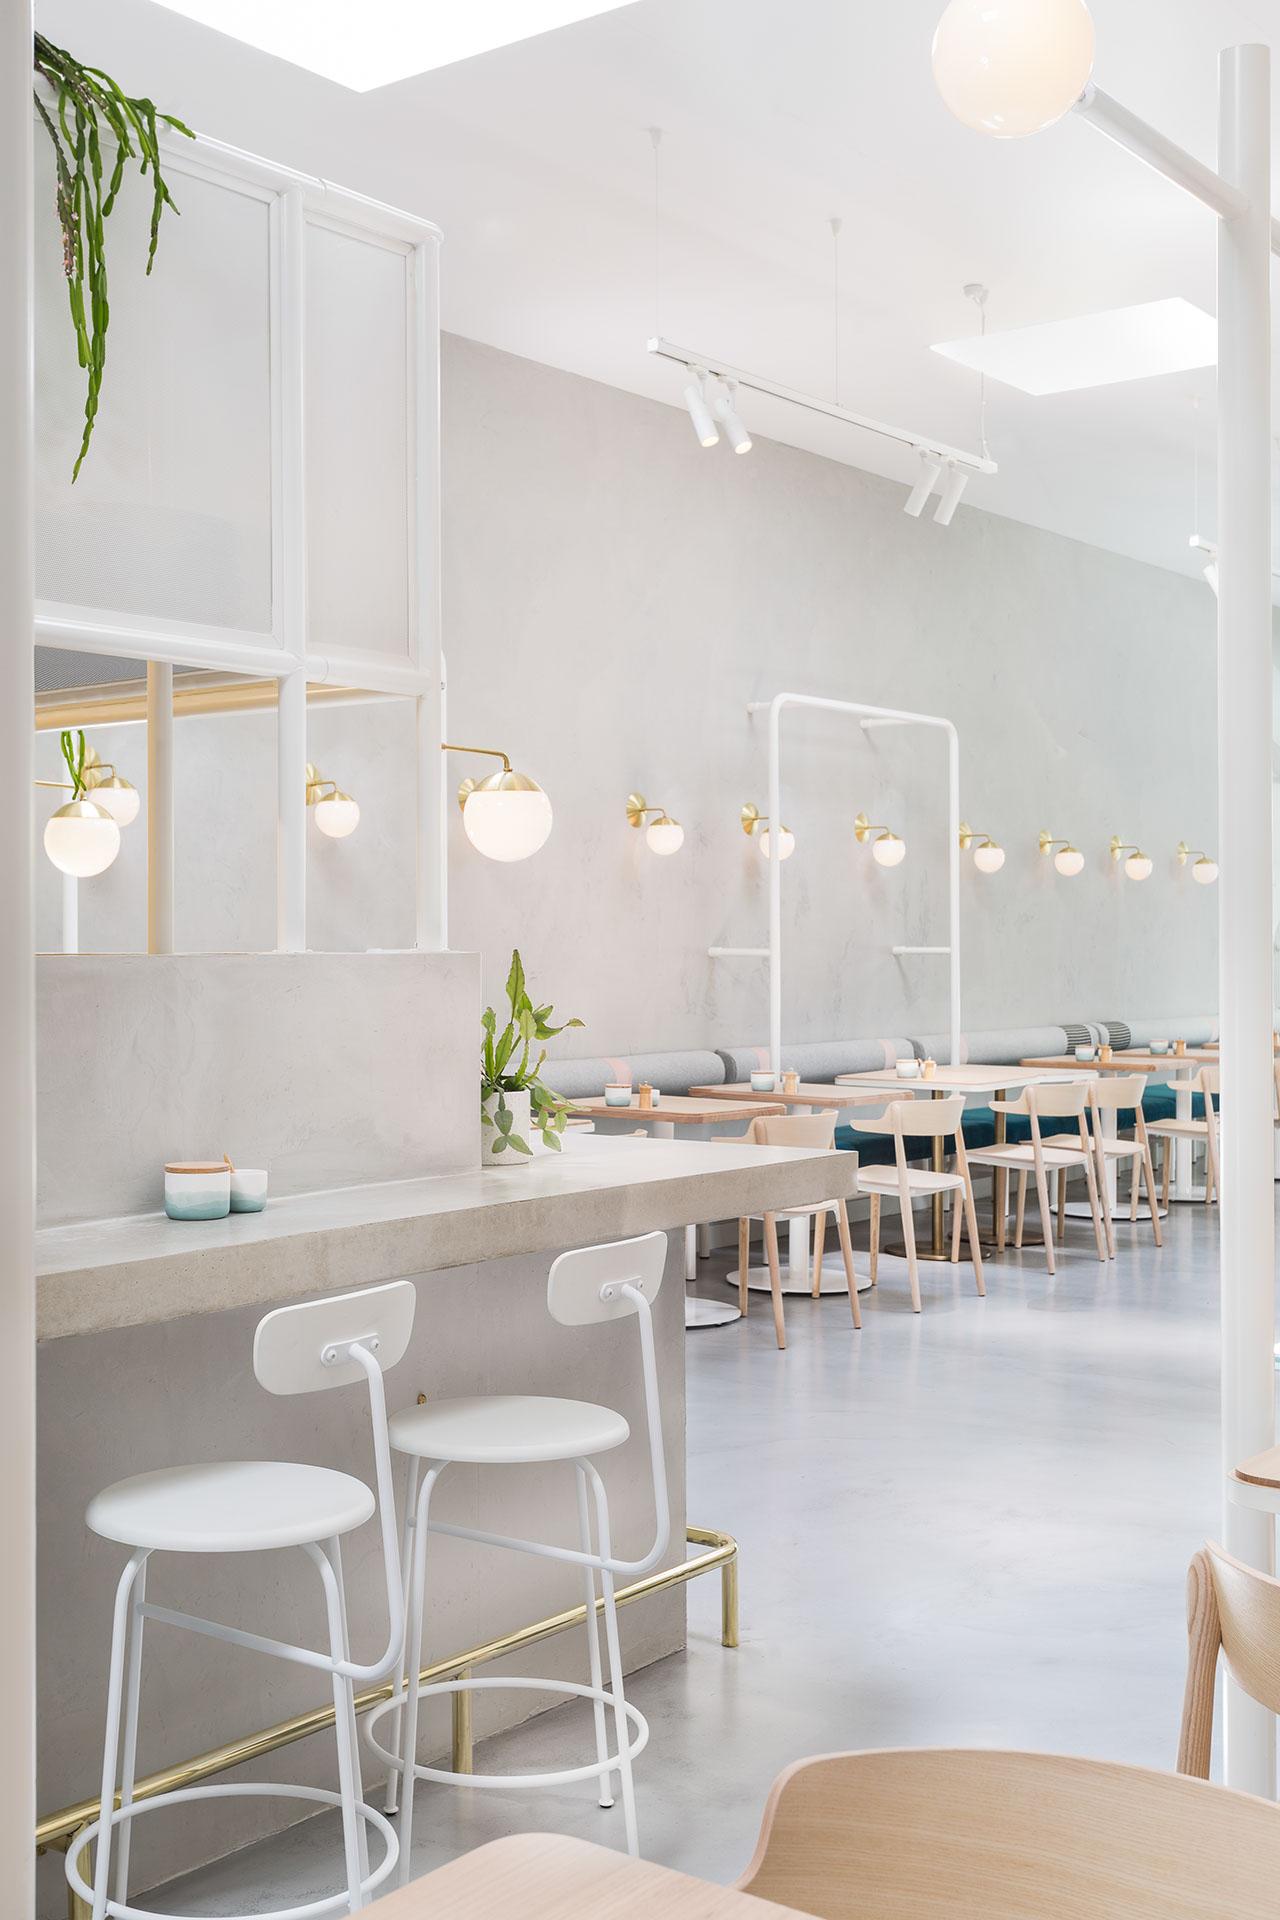 No 19 by biasol interior design ascot vale vic for Local interior decorators